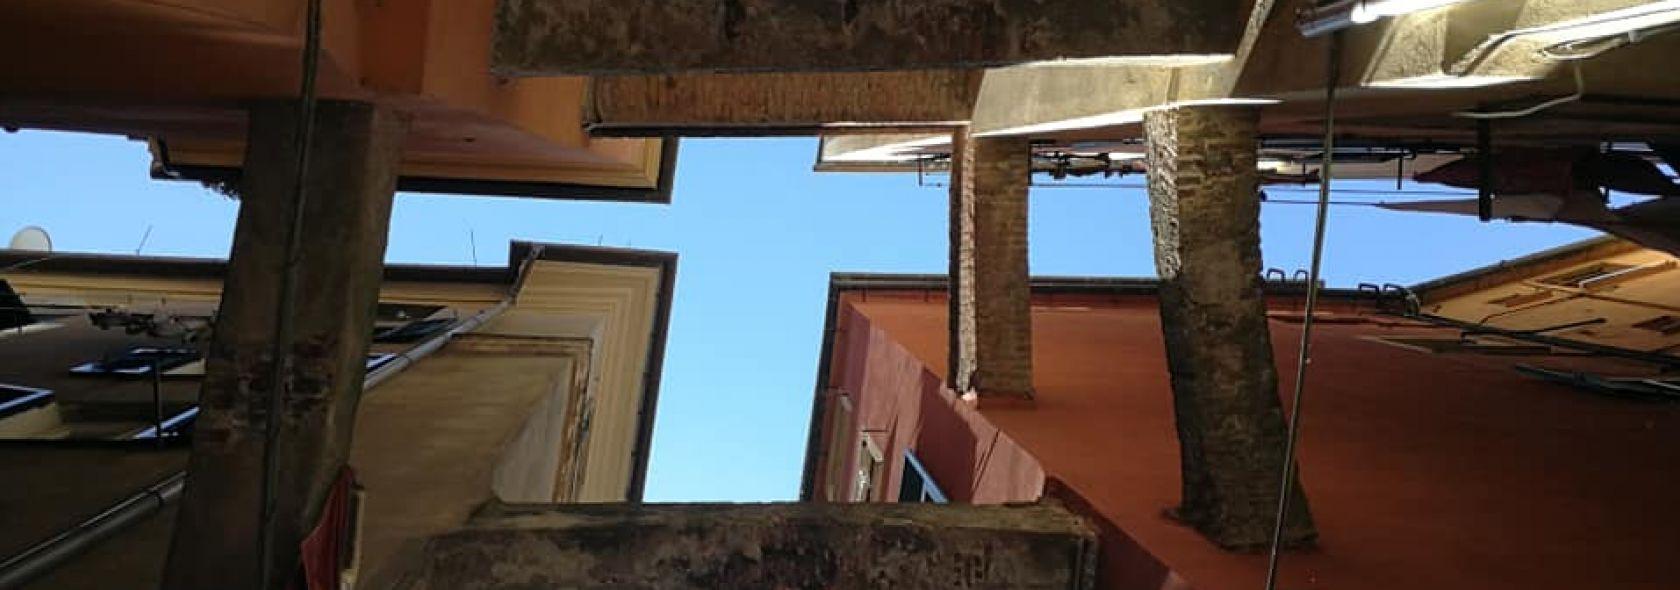 Vicoli - Foto Ufficio Comunicazione Città Metropolitana di Genova